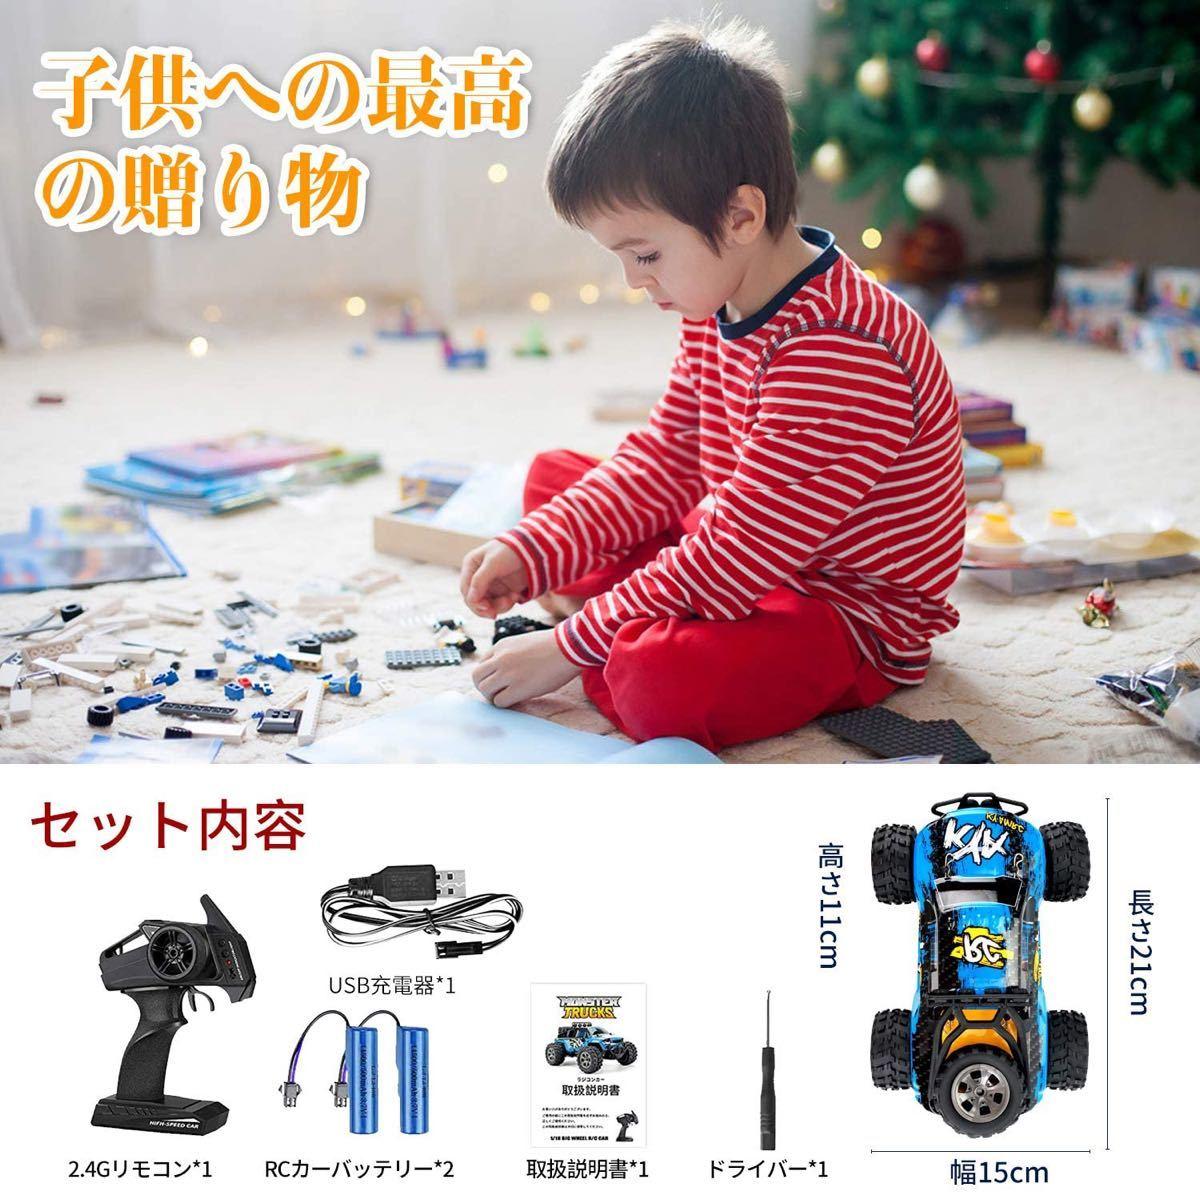 ラジコンカー リモコンカー 1/18オフロード 男の子誕生日プレゼントRCカー 子供の日プレゼント